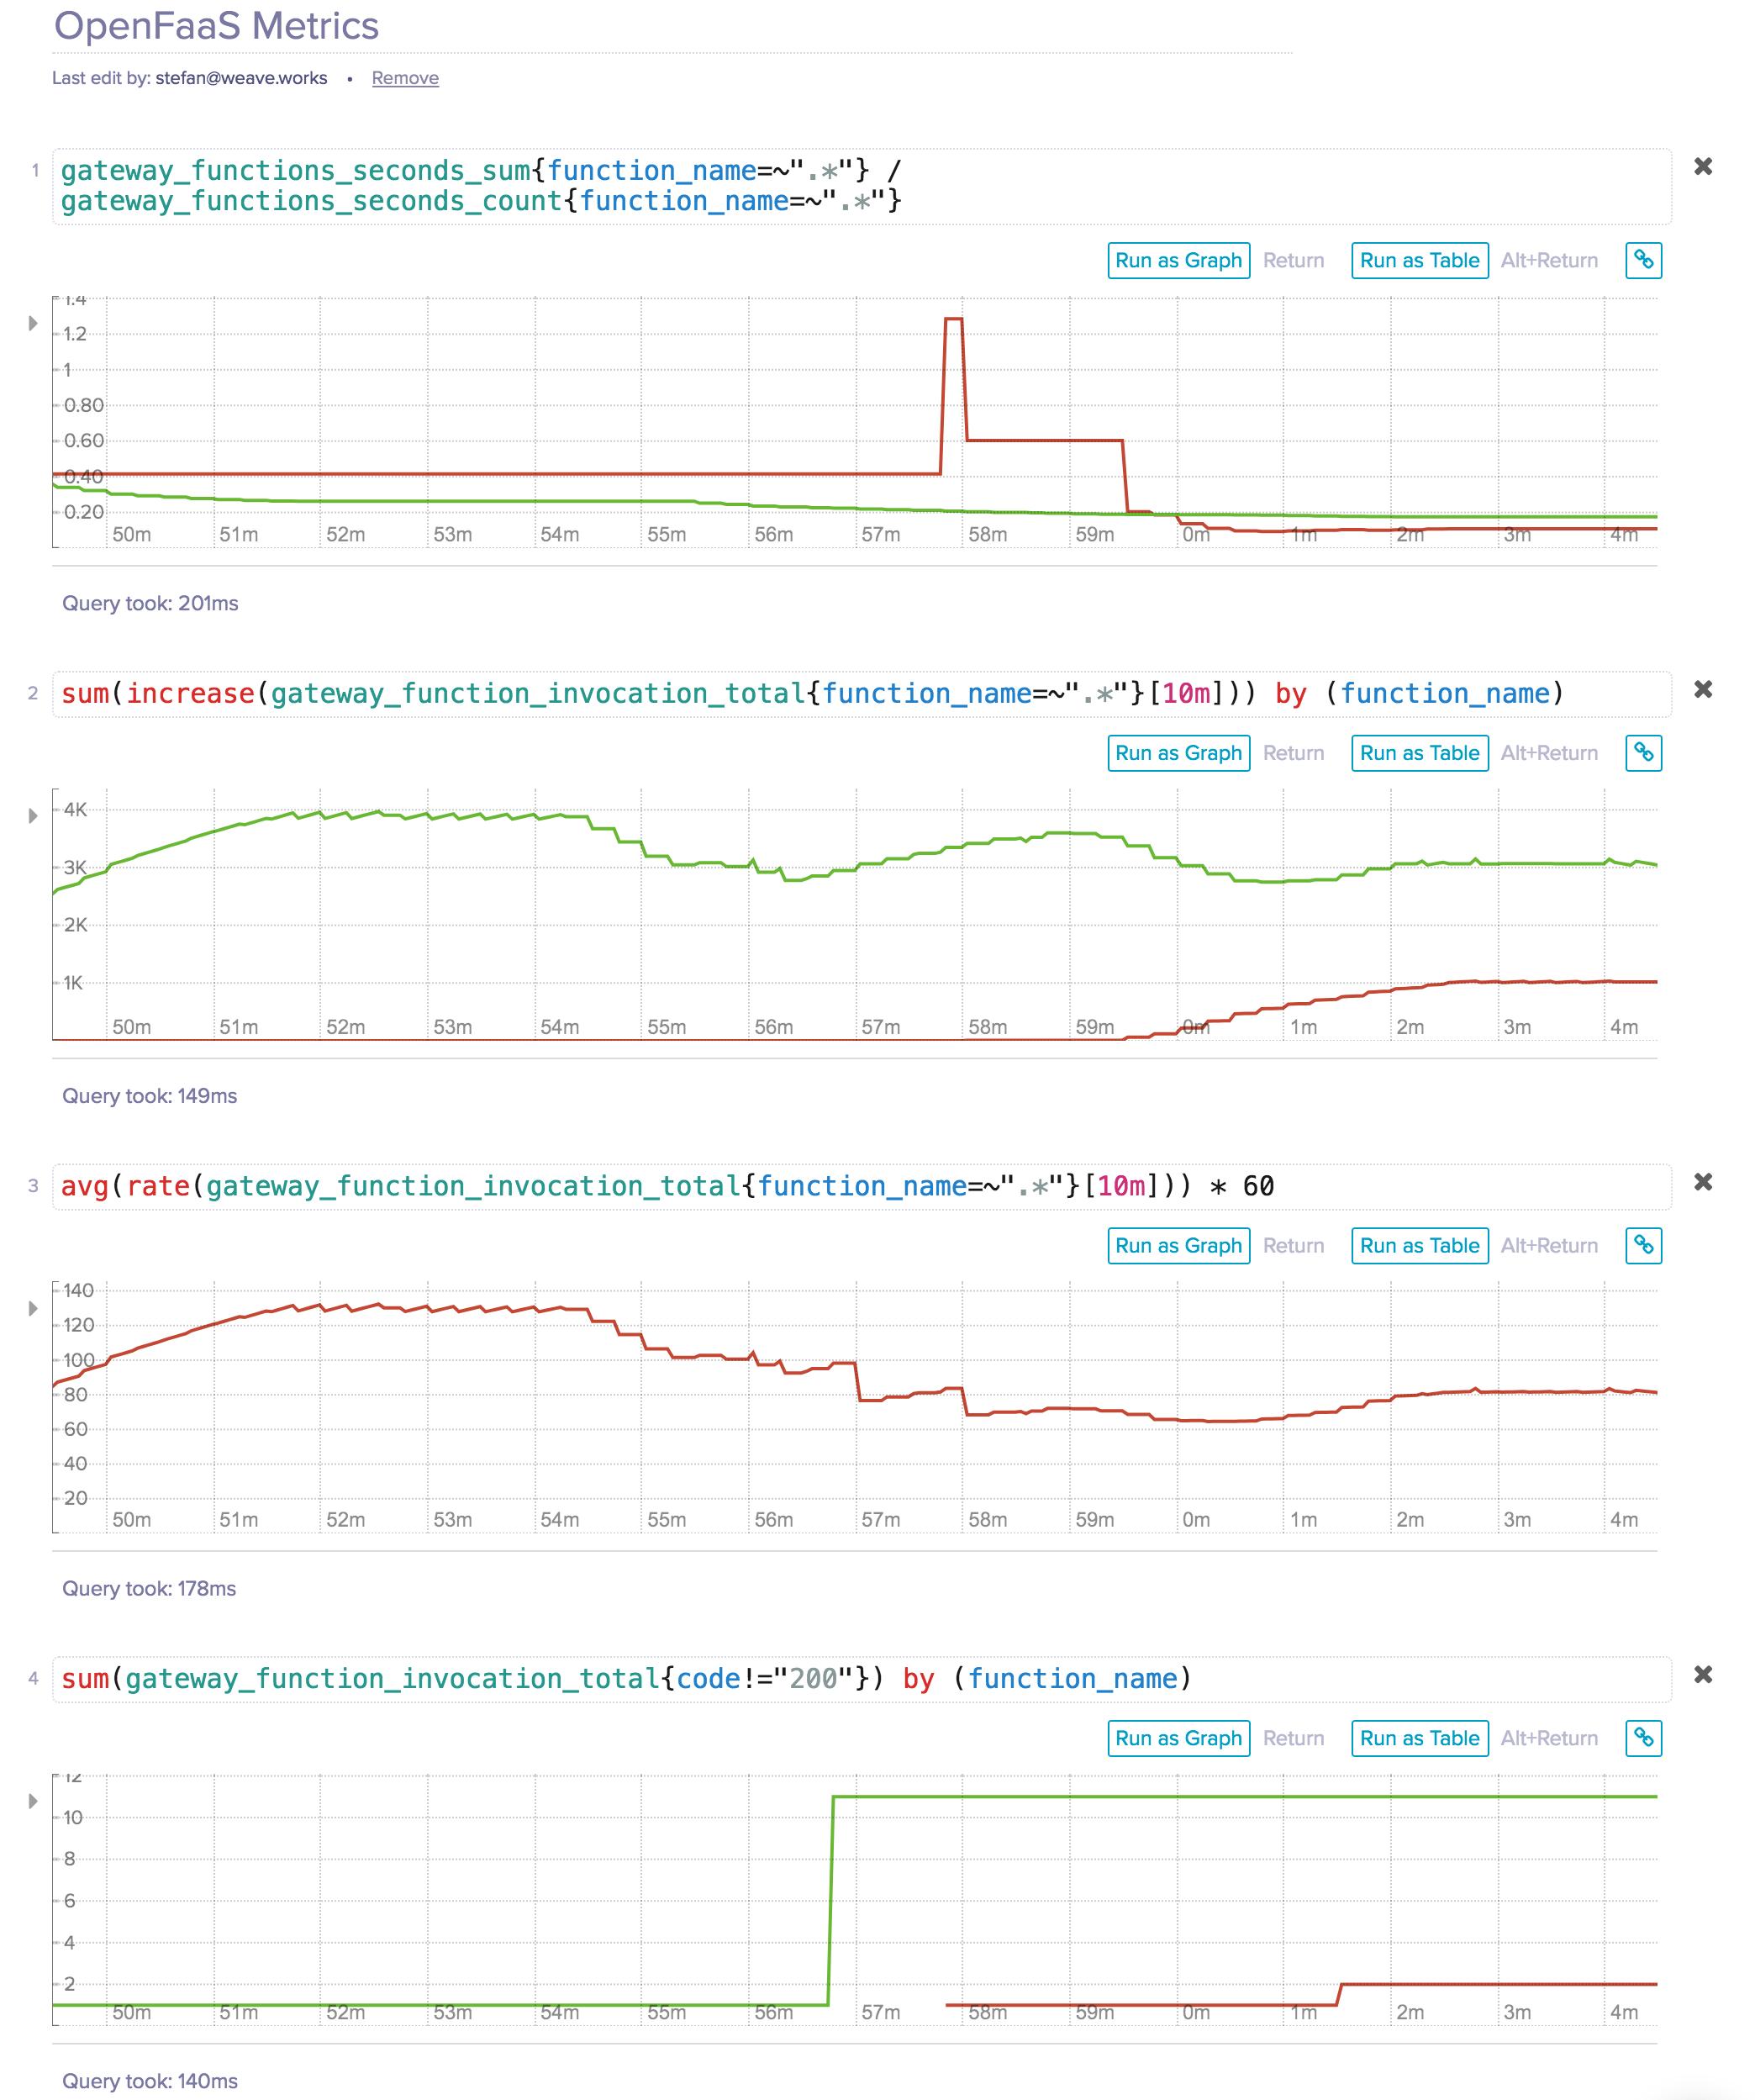 openfaas-metrics